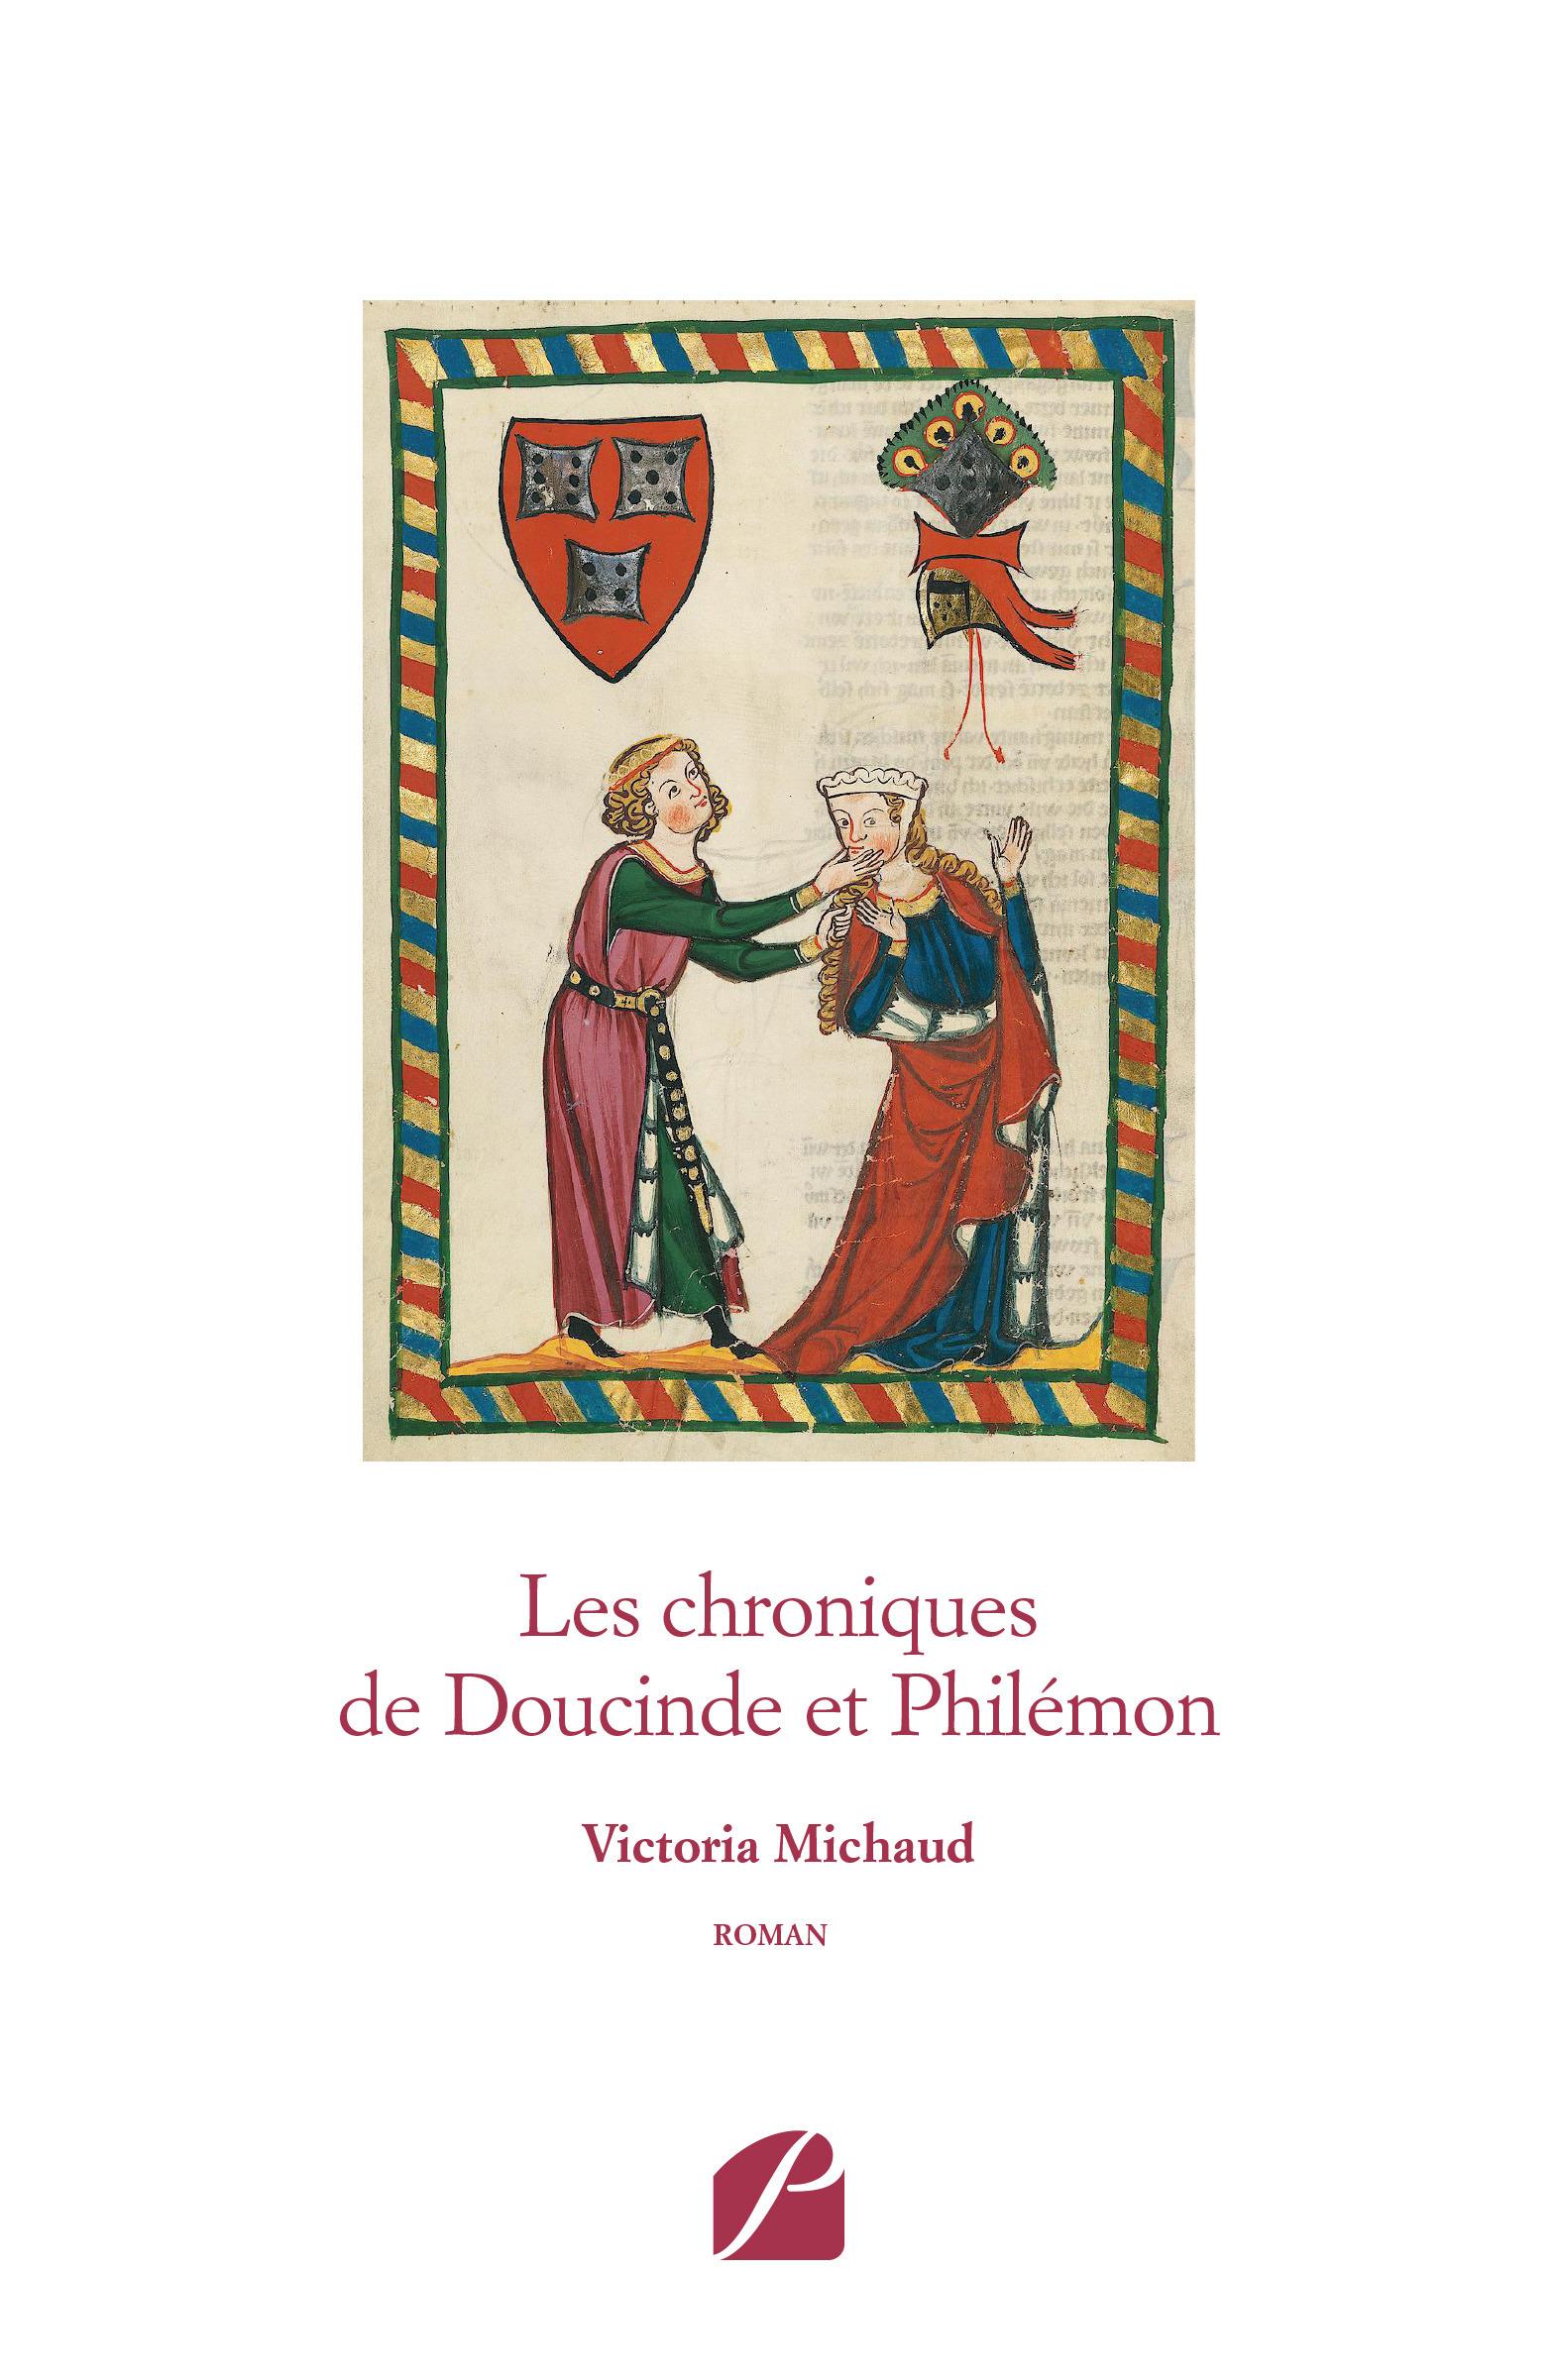 Les chroniques de Doucinde et Philémon